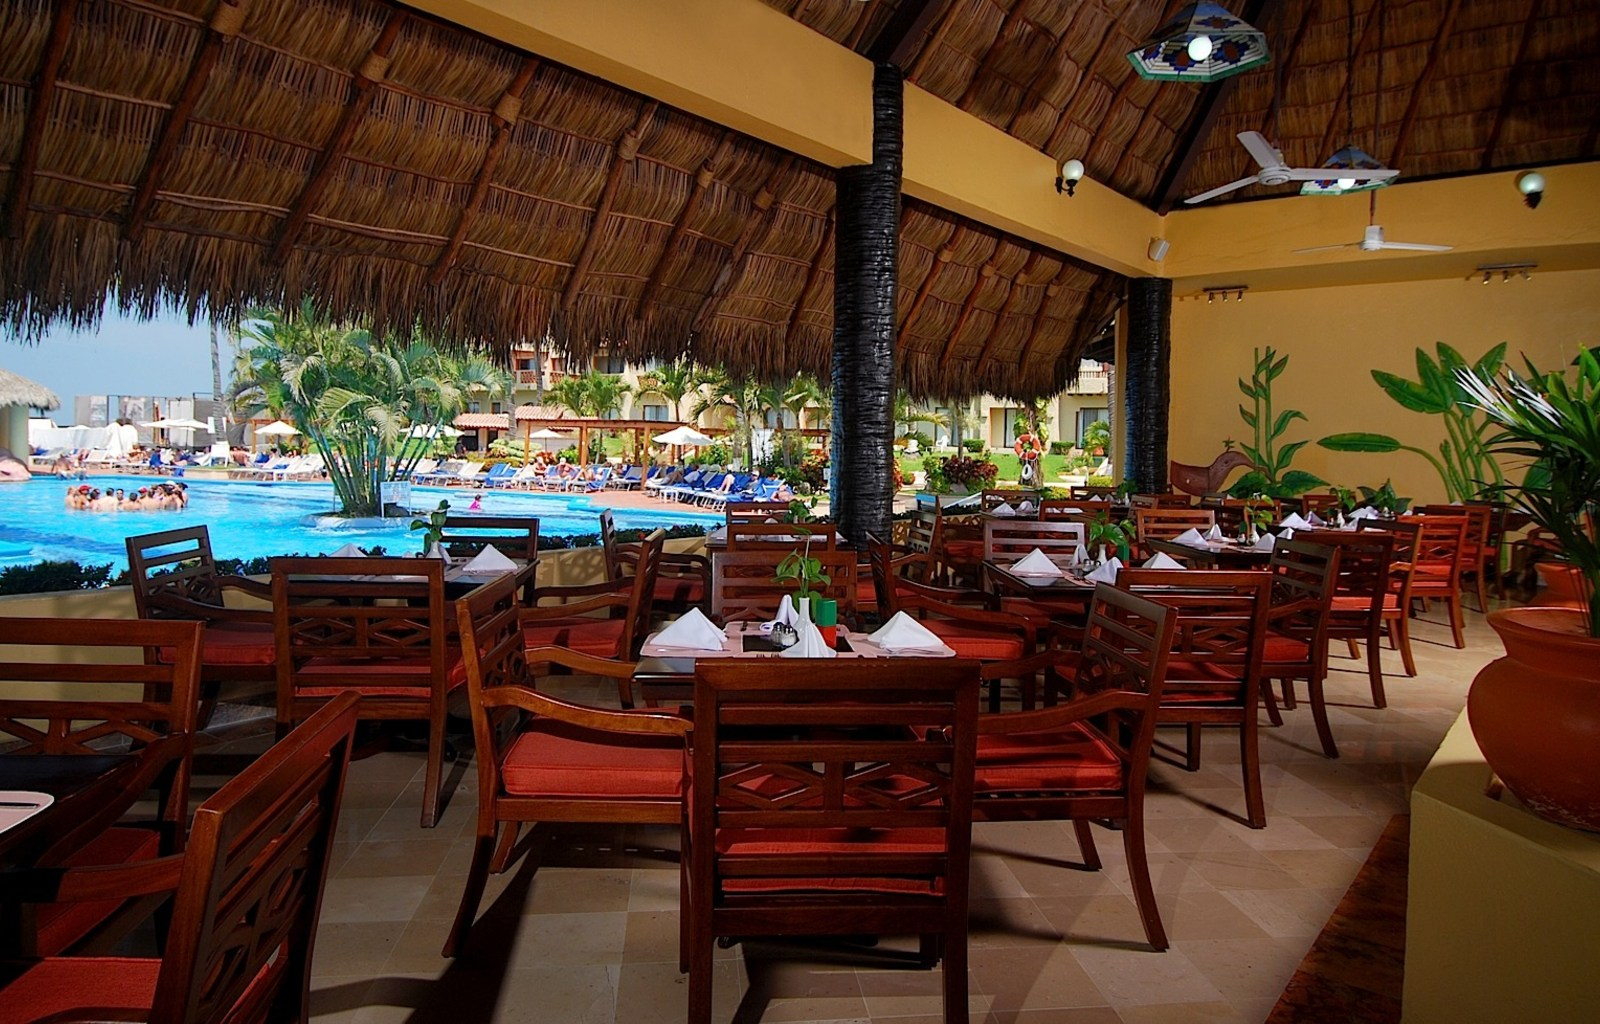 Canto del Sol Plaza Vallarta image